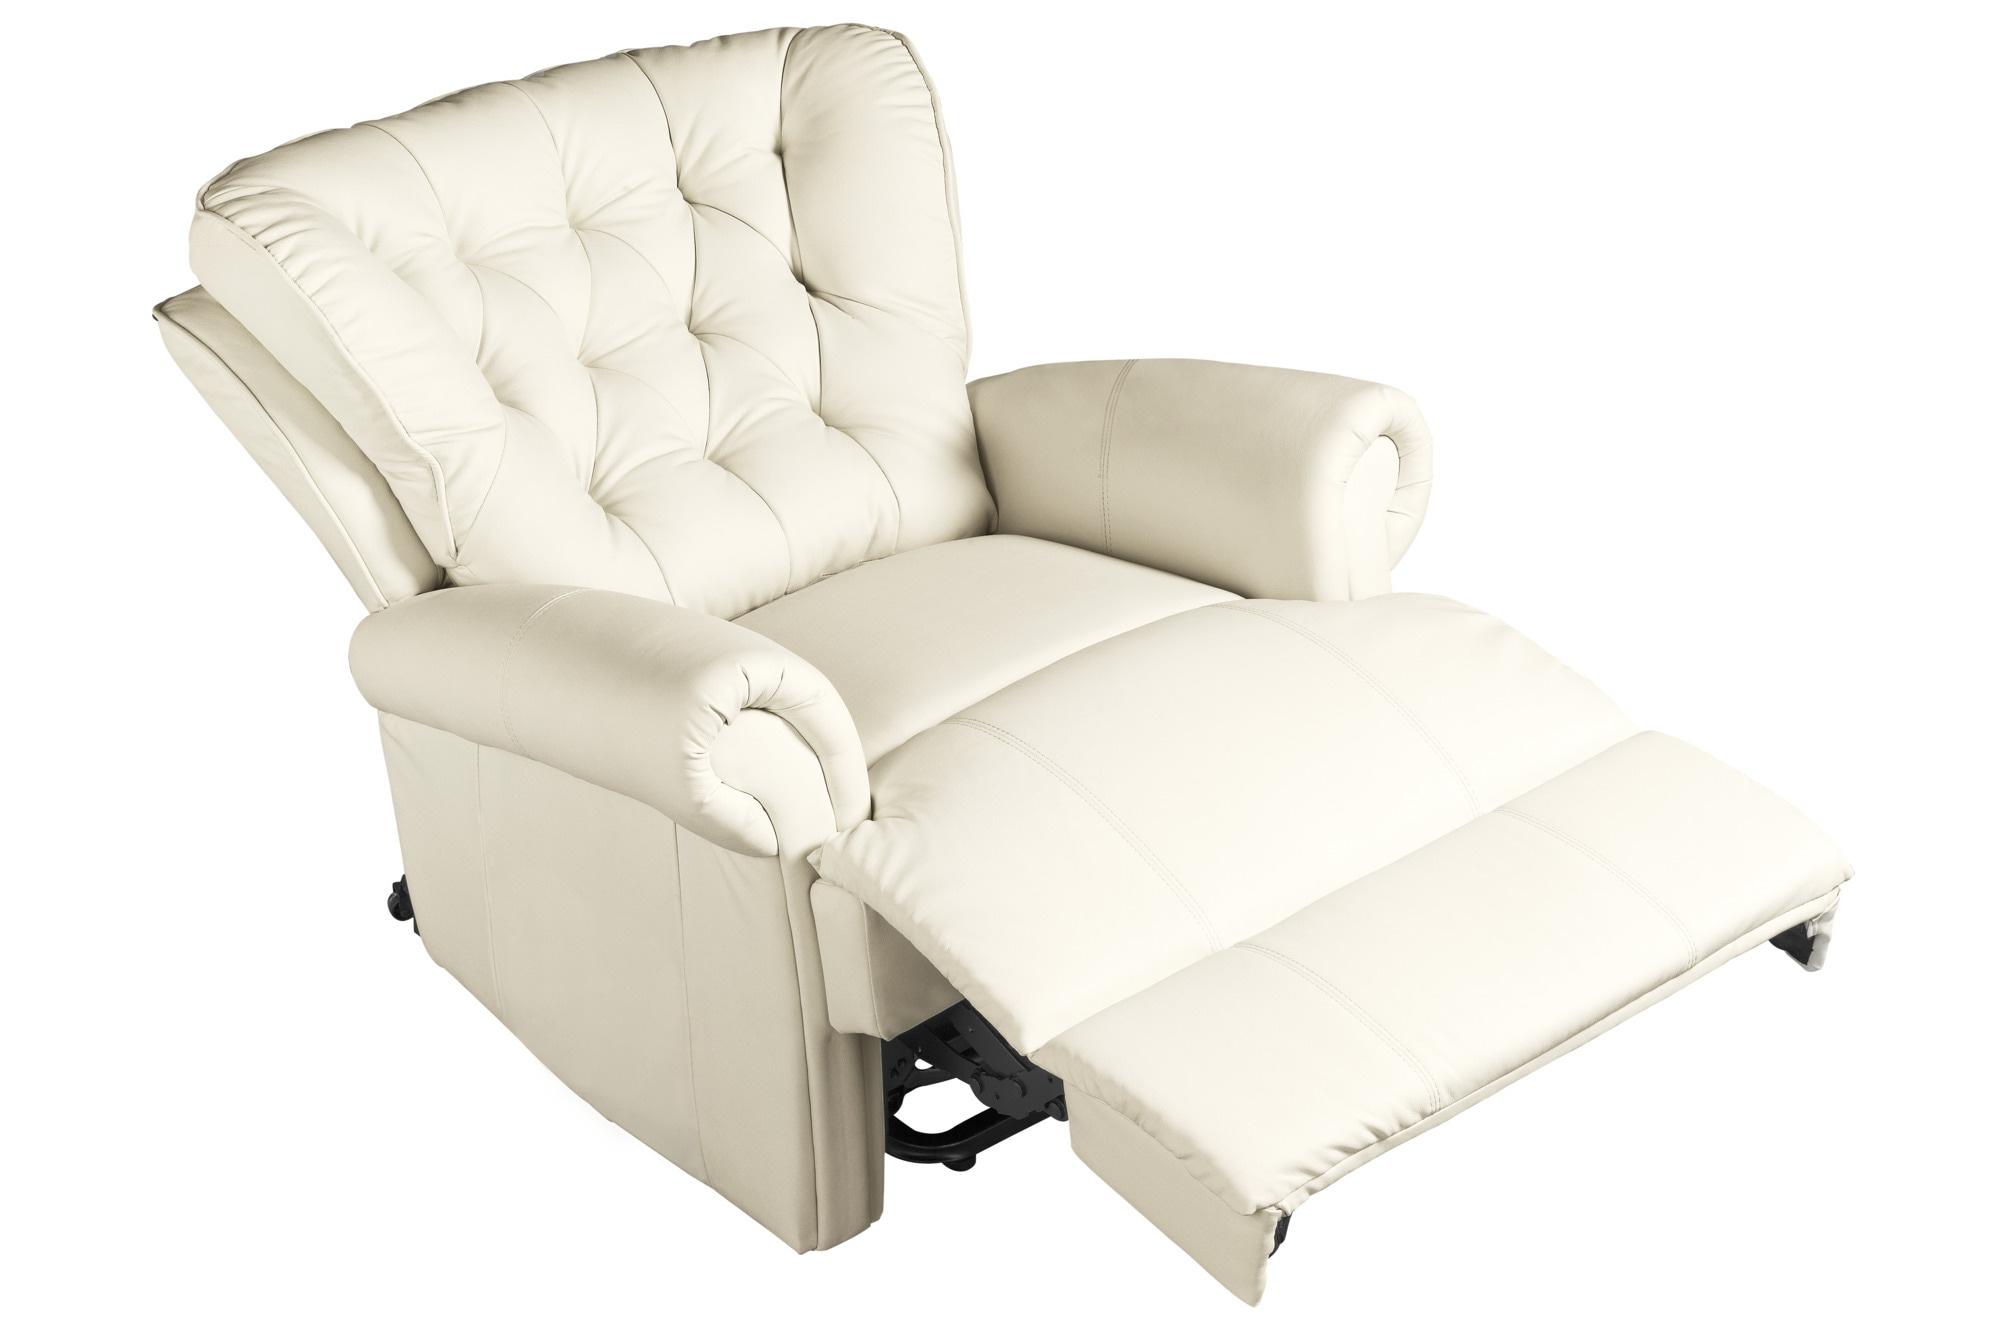 heine home Sessel Fußteil und Rückenlehne manuell verstellbar